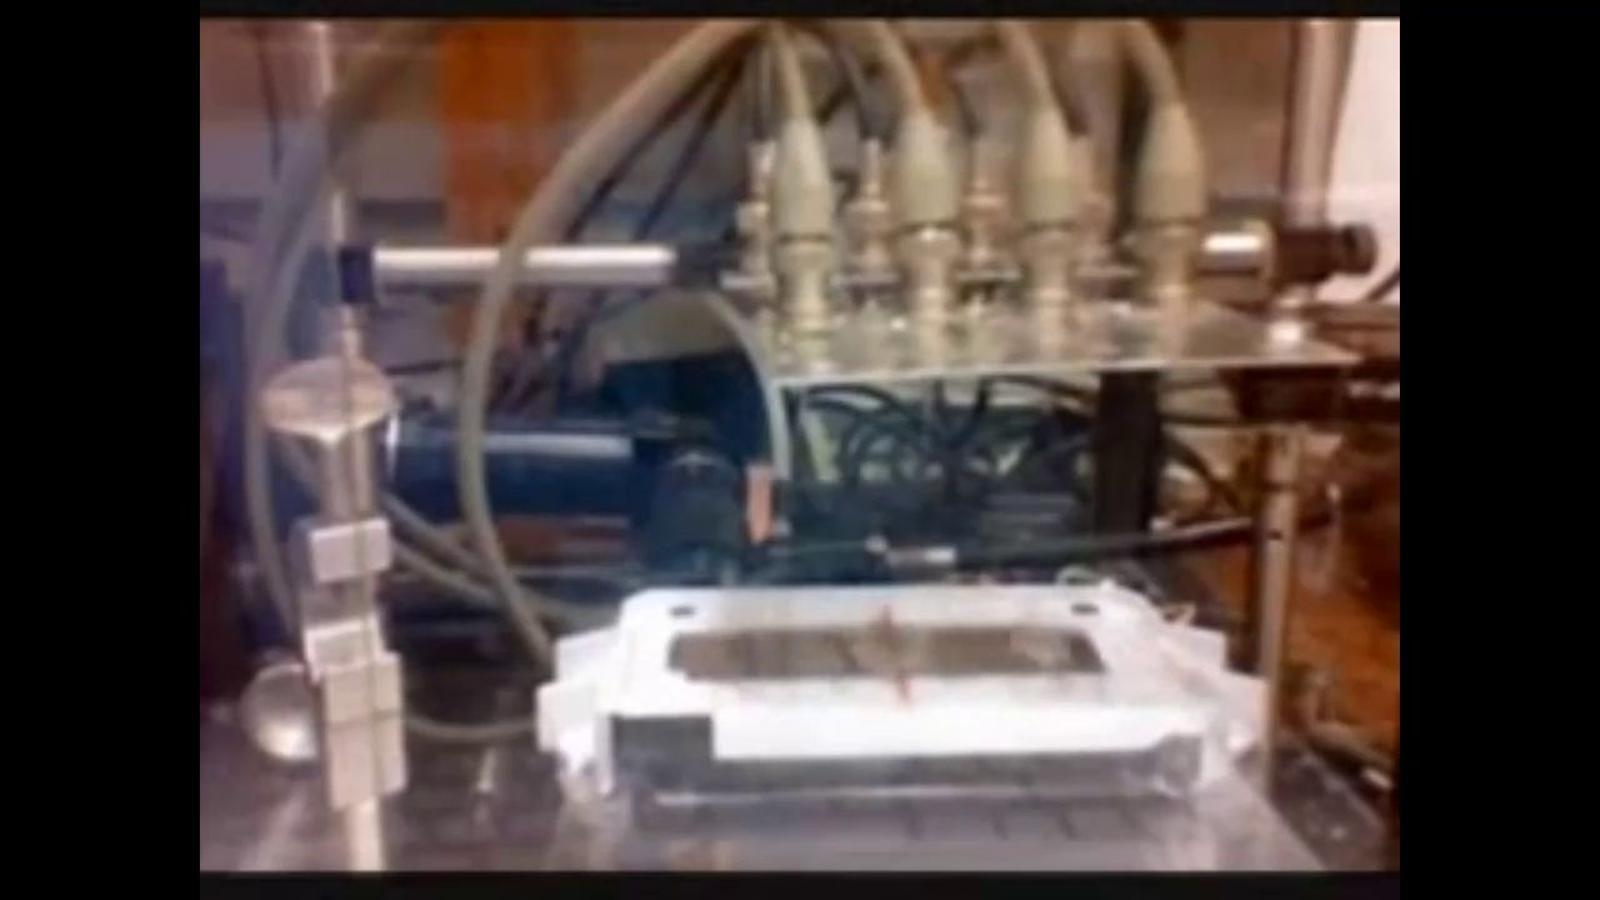 Un estudiant de postgrau nord-americà crea una catifa voladora de plàstic